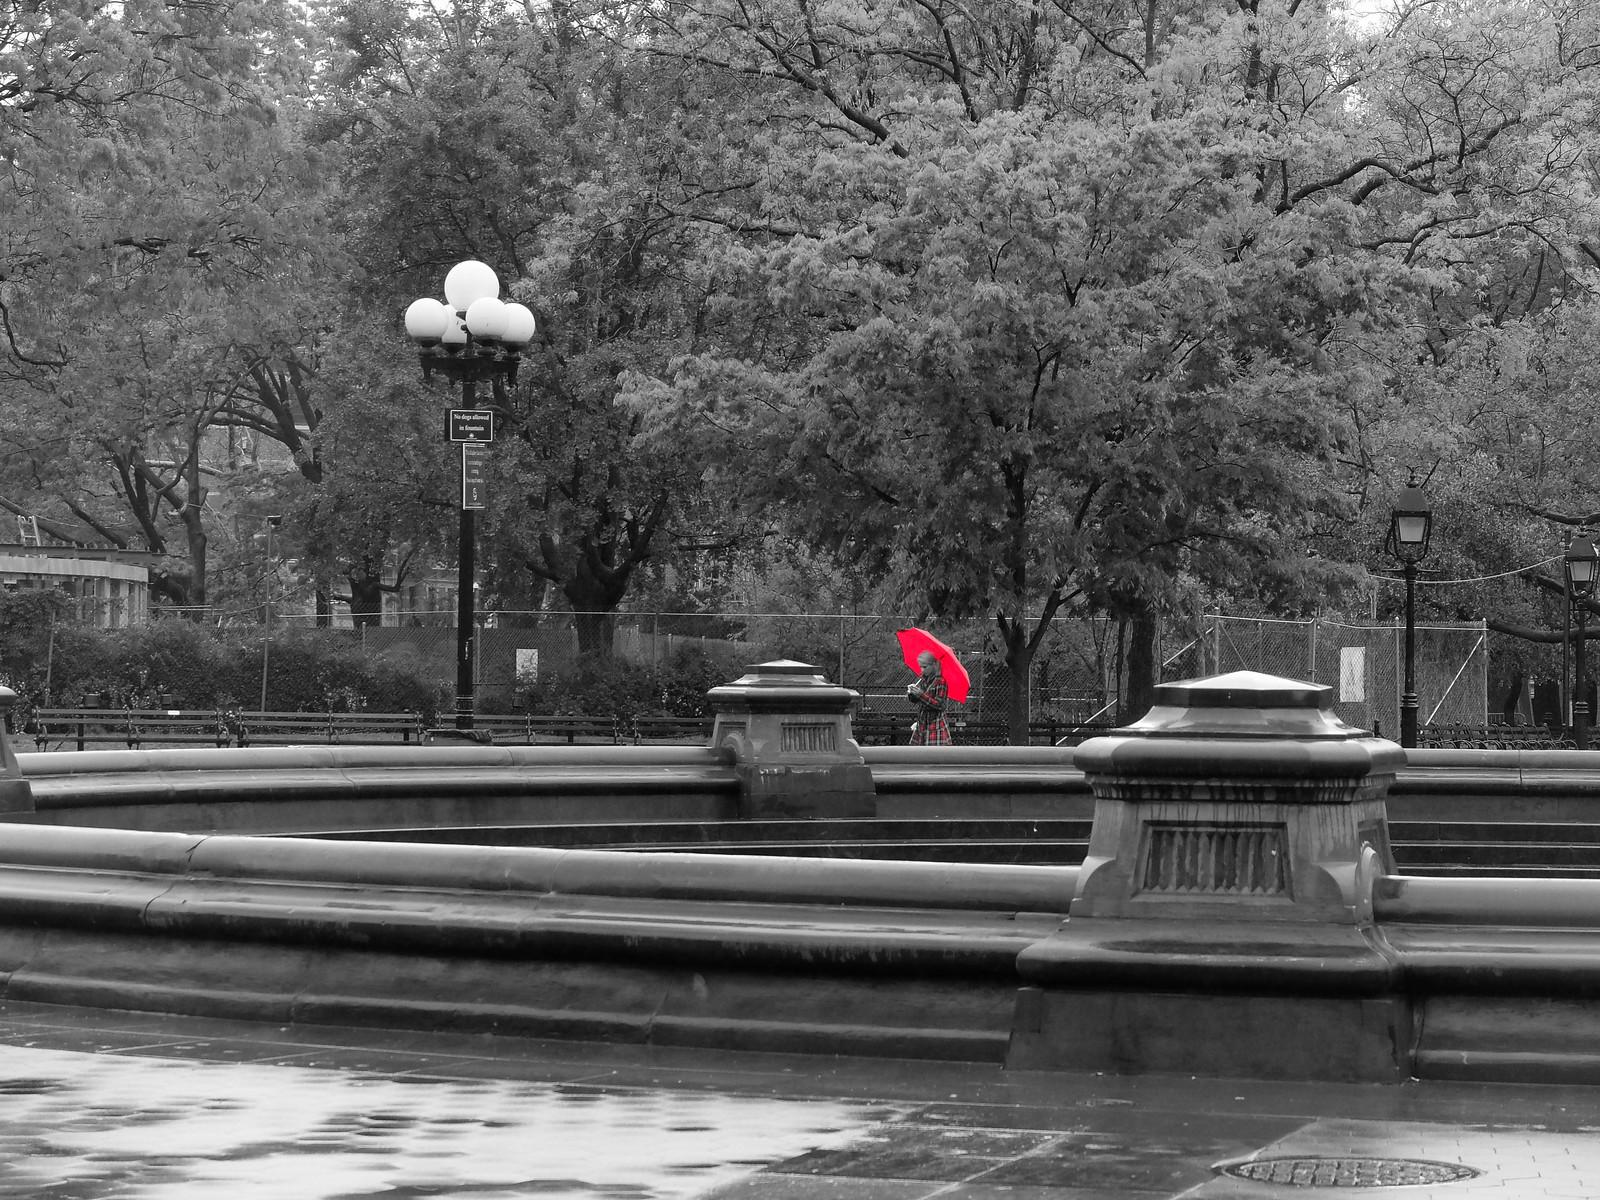 Rainy Day by wwward0